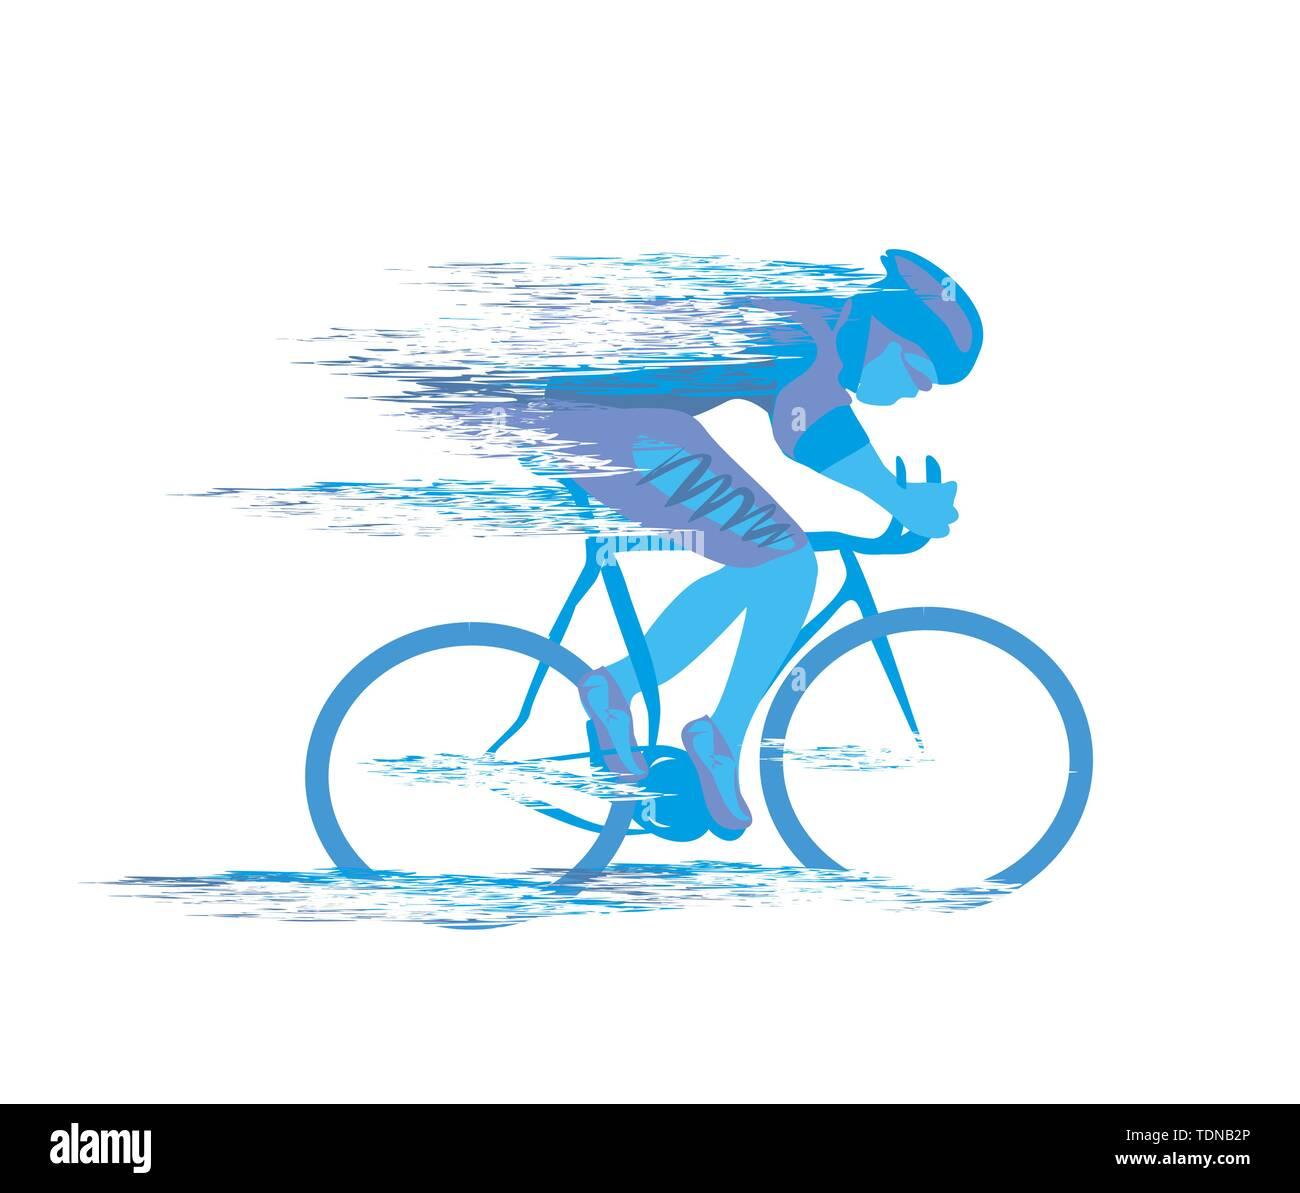 Radrennen stilisierte backgrond Stockbild